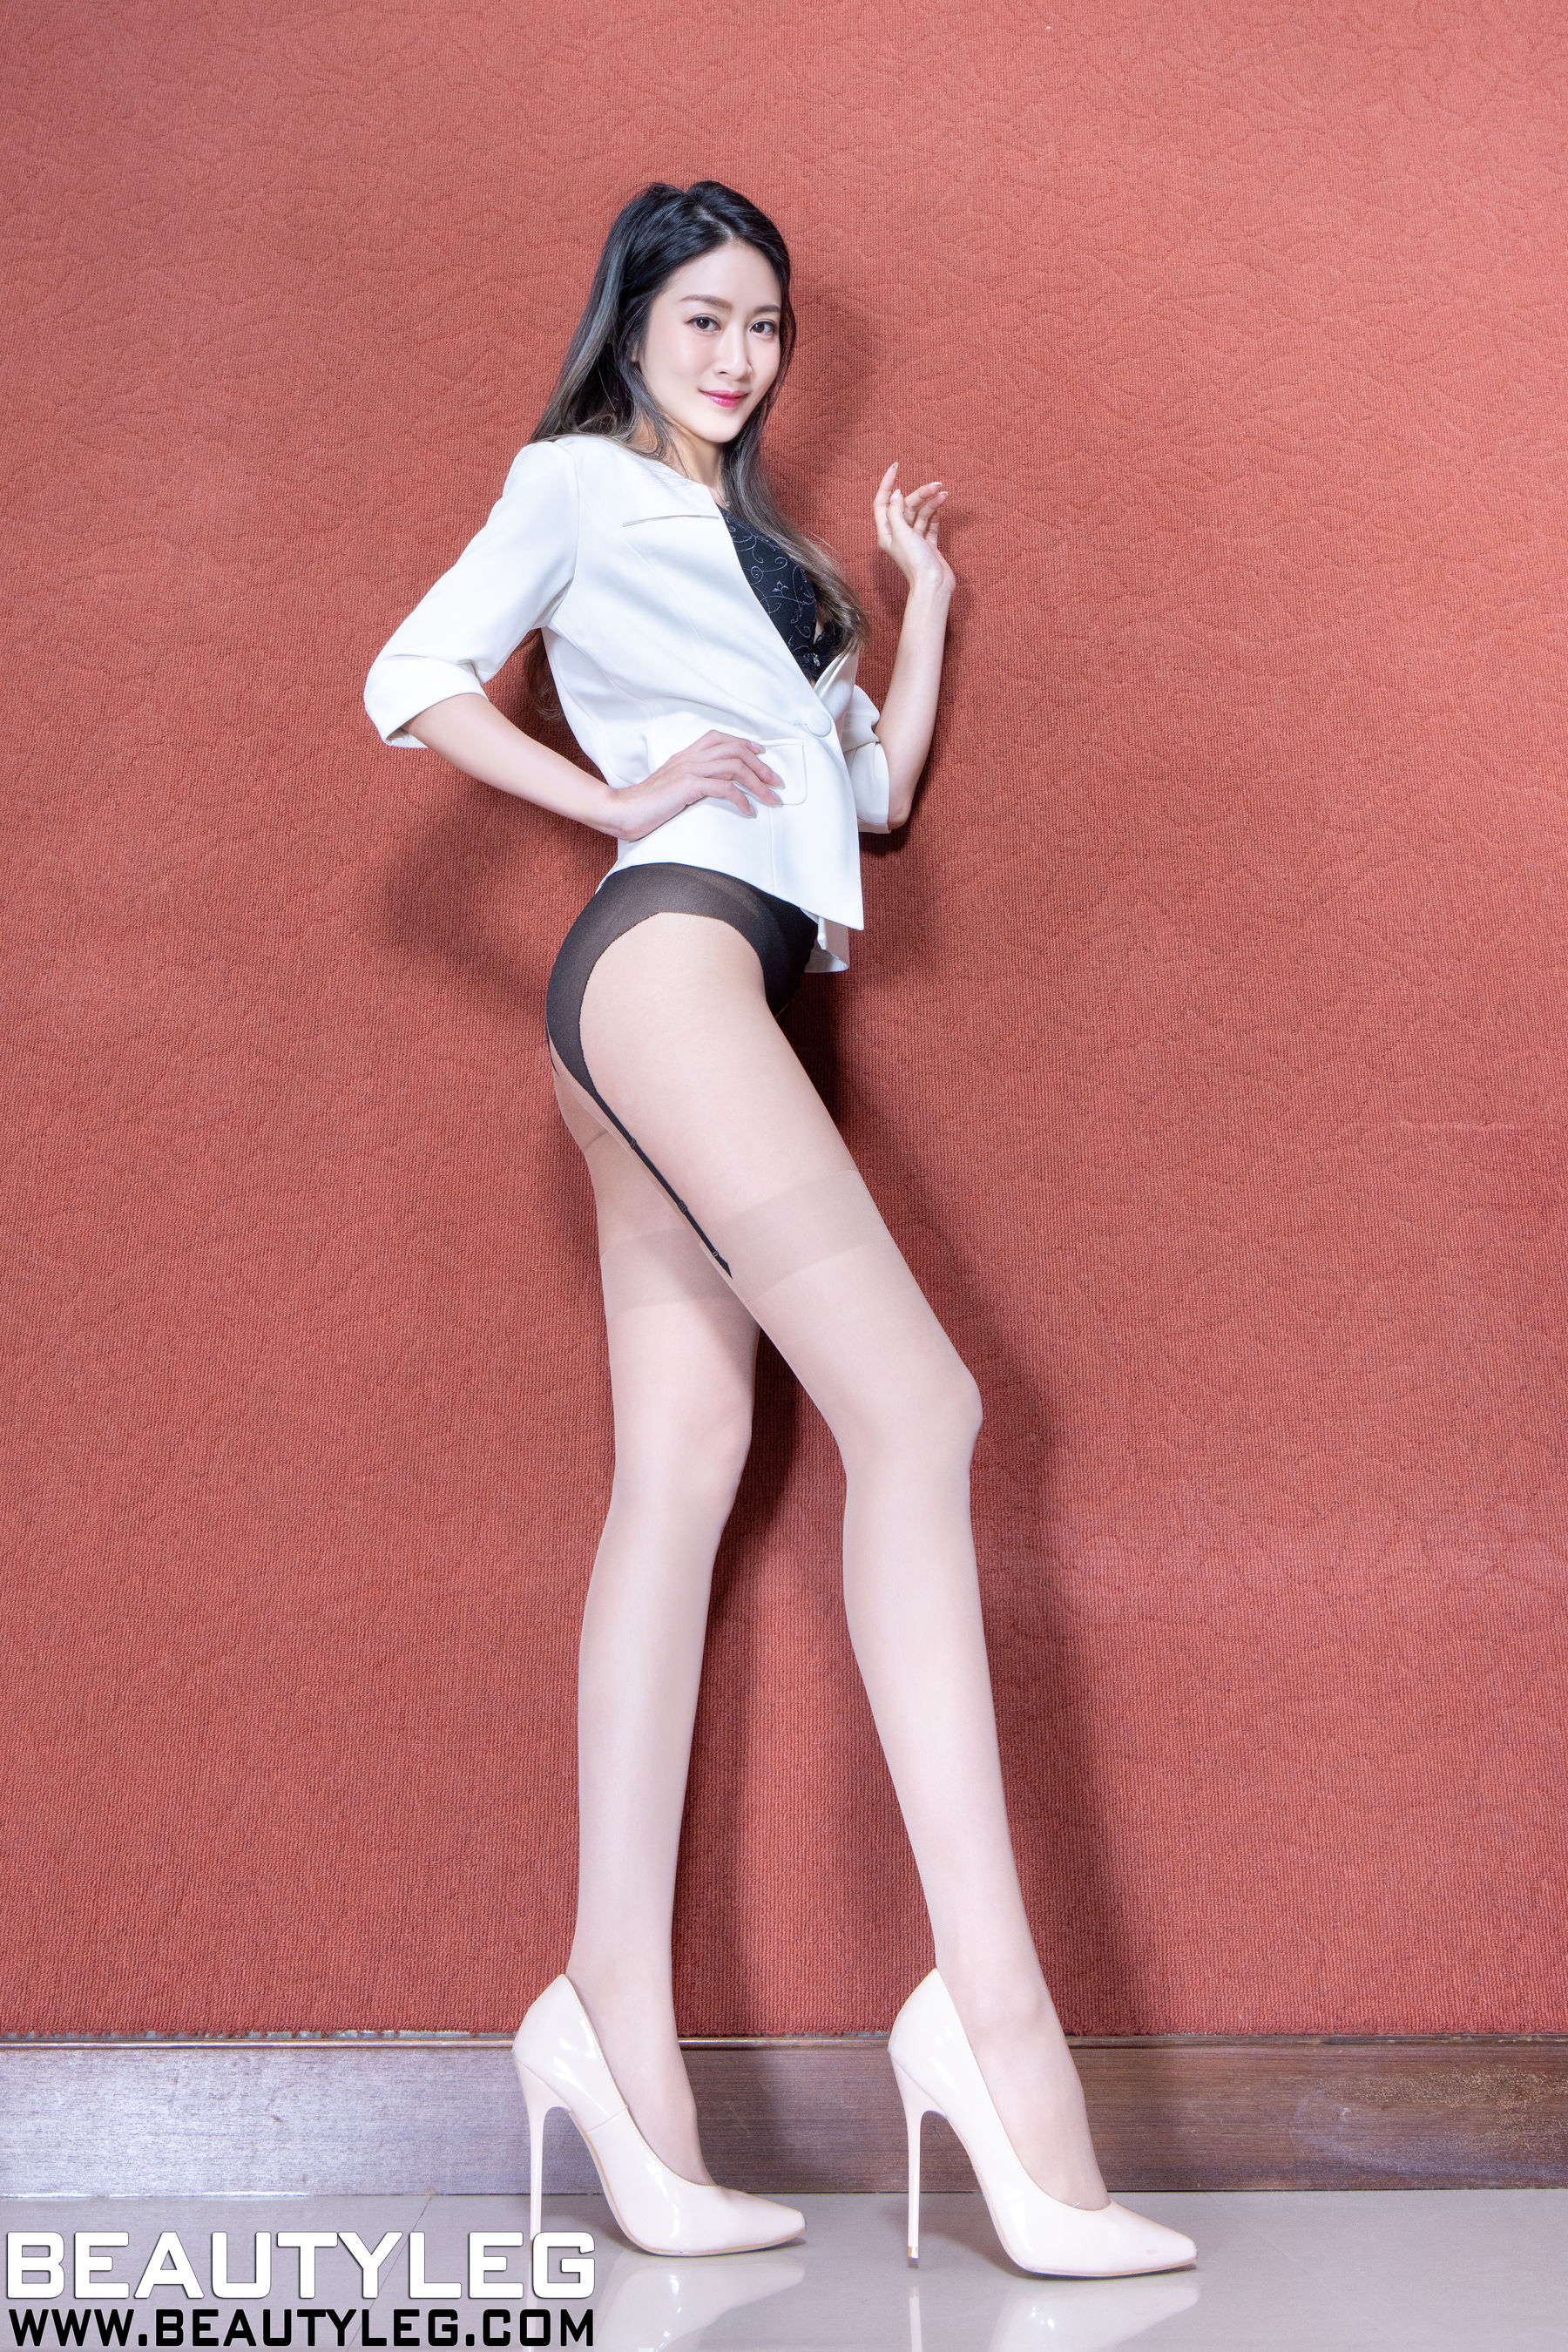 VOL.474 [Beautyleg]肉丝美腿:康凯乐(腿模Kaylar)超高清个人性感漂亮大图(25P)